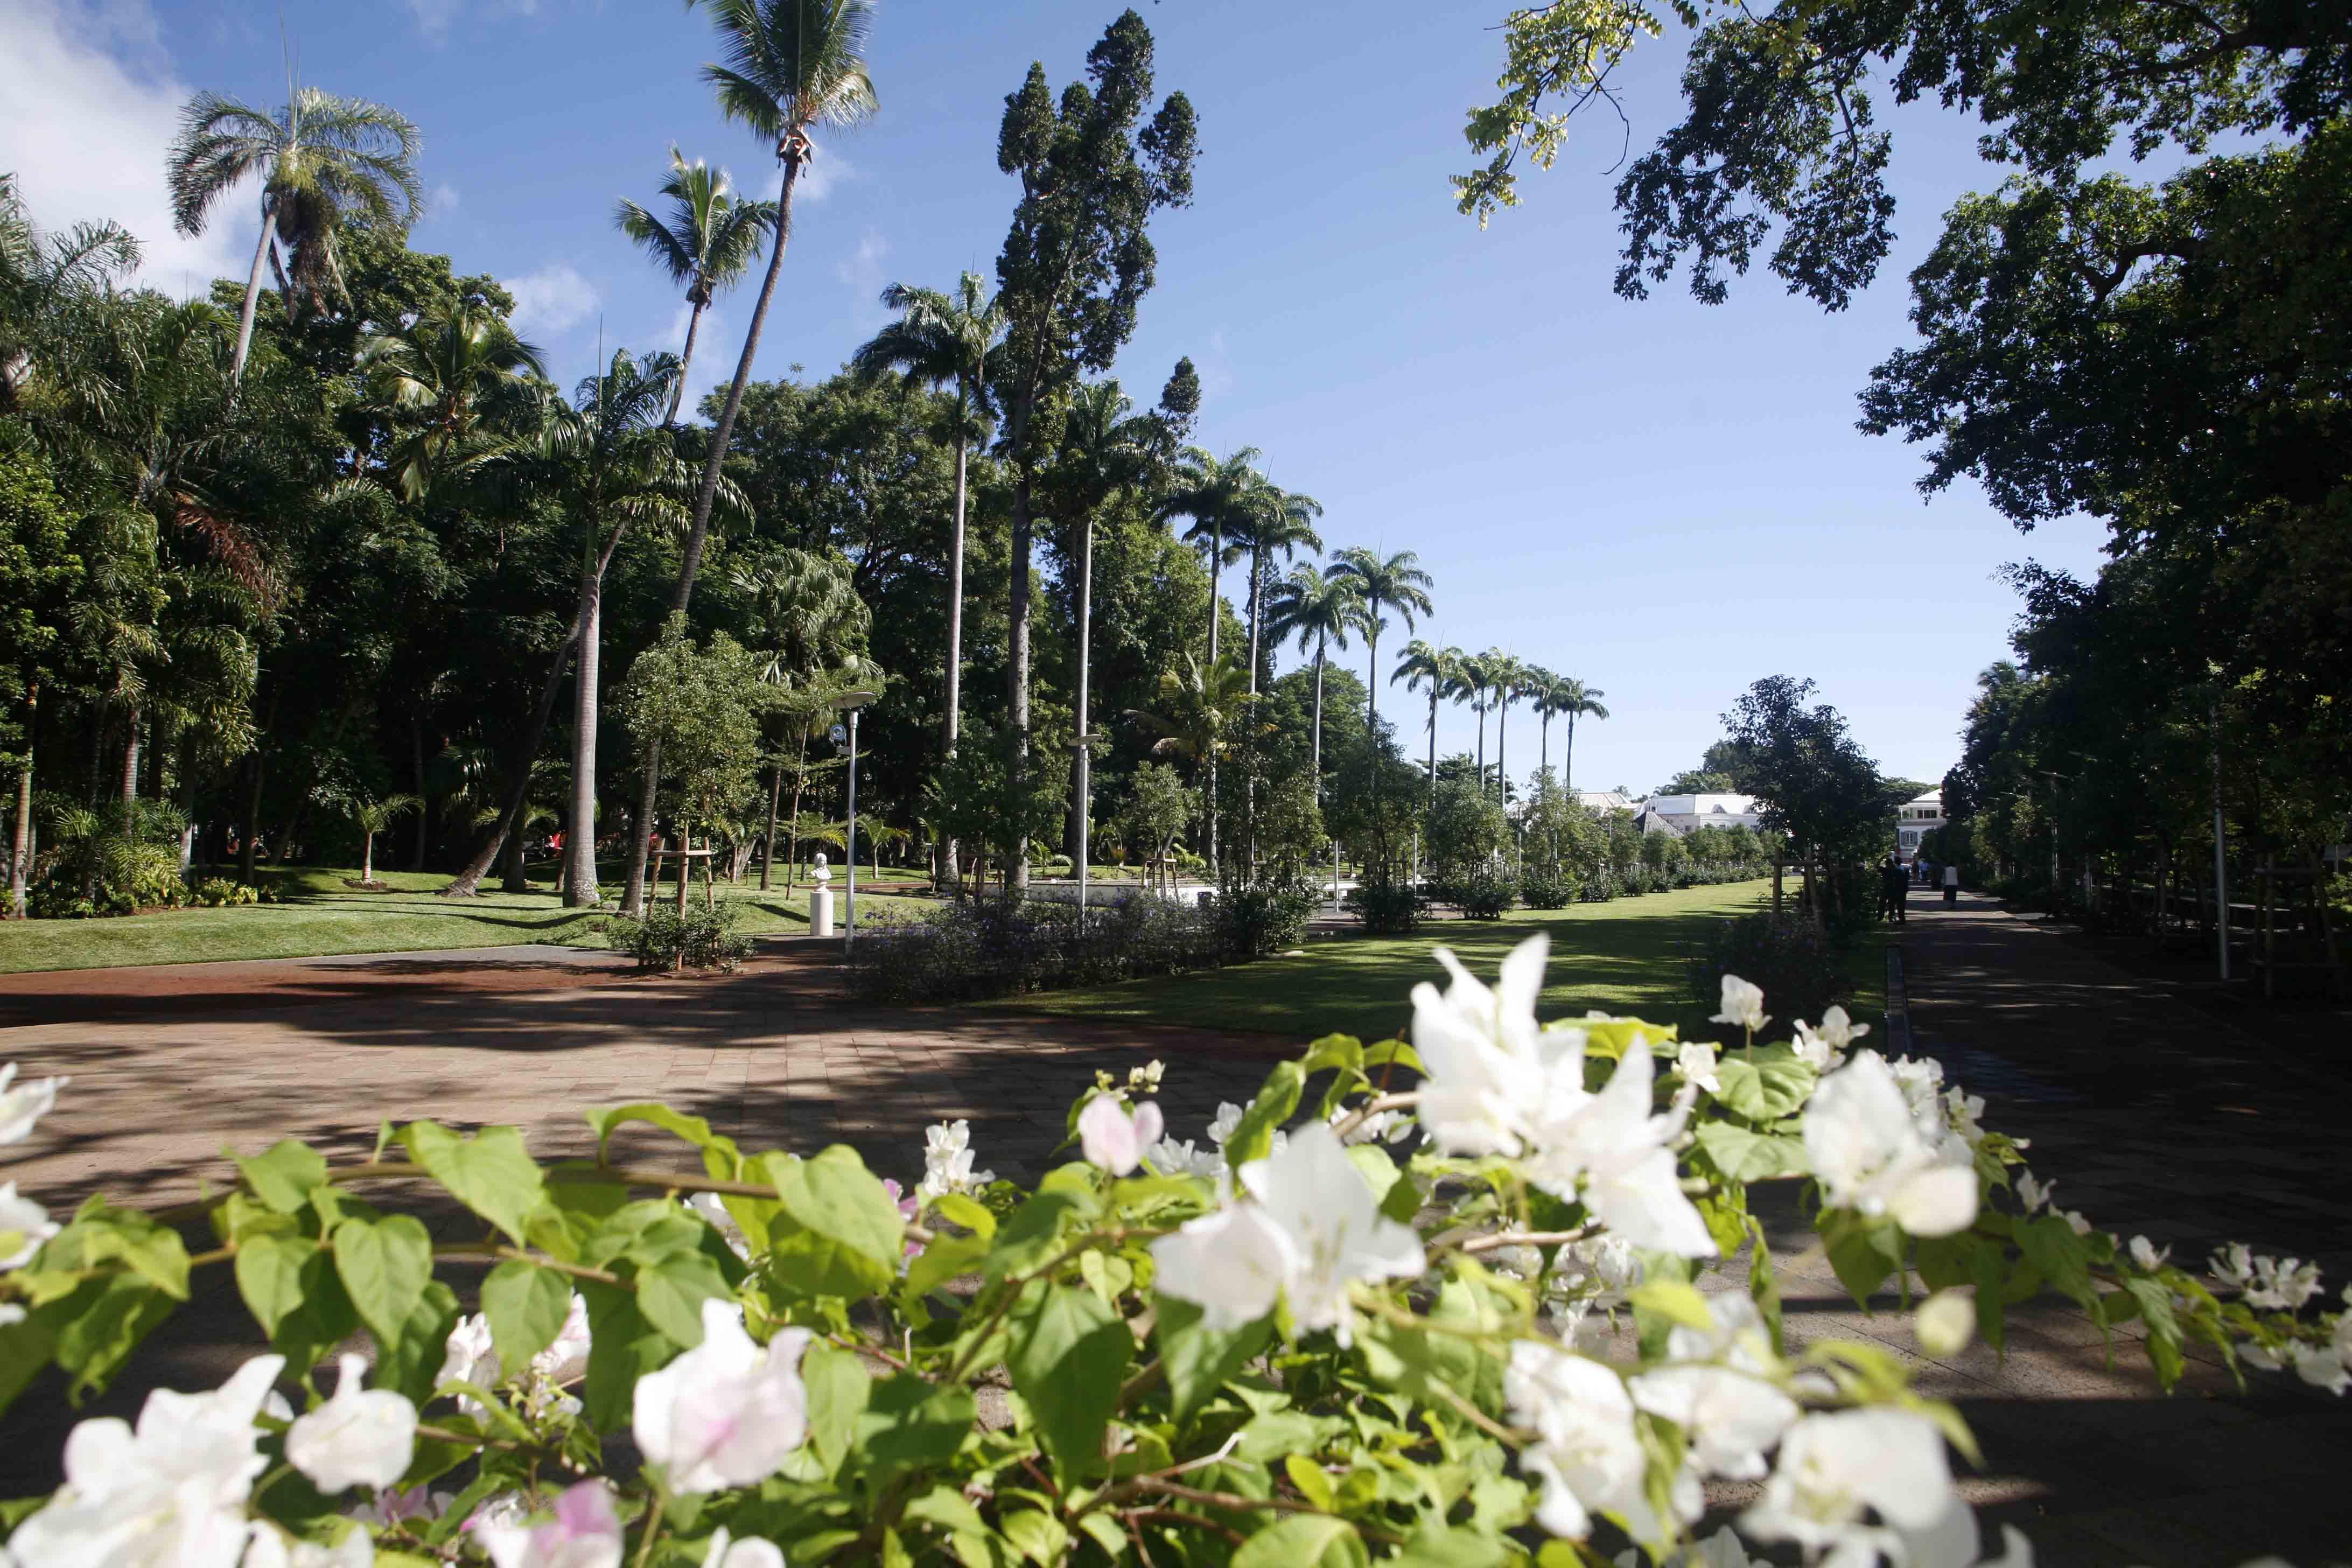 Le jardin de l etat ville de saint denis de la r union l 39 humain pour nous c 39 est capital - Jardin potager bio saint denis ...